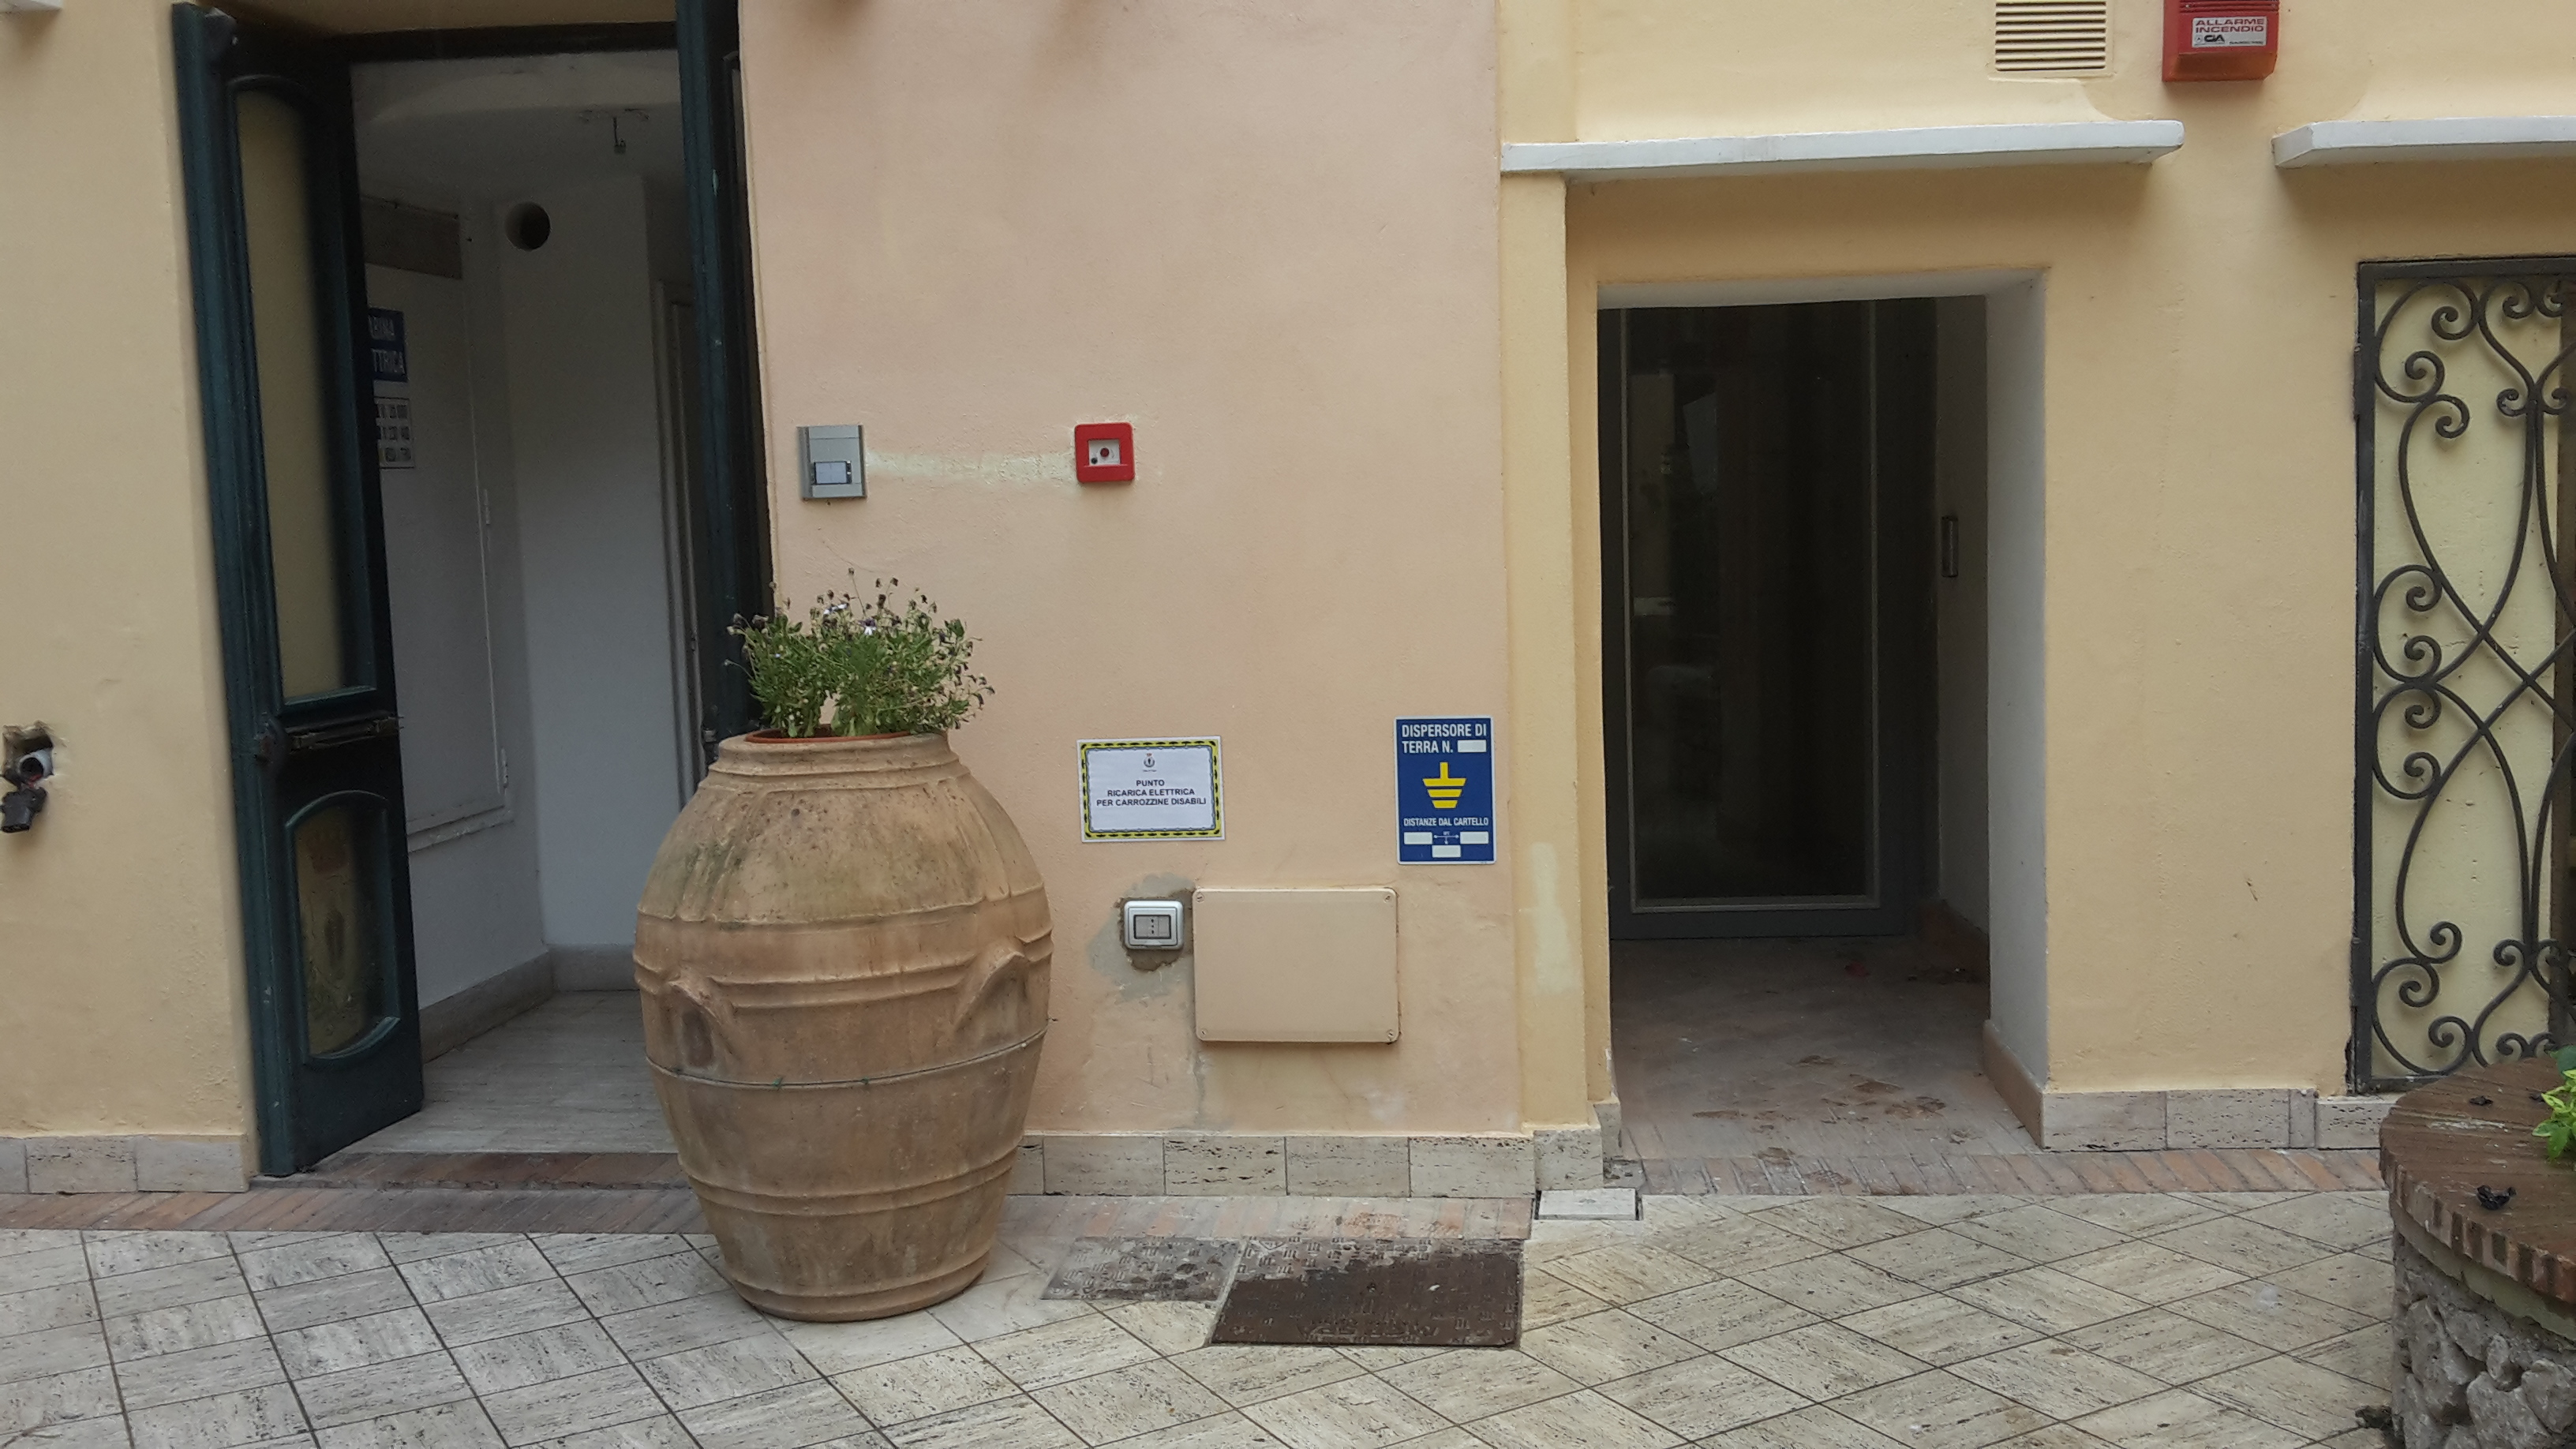 Capri. Installato nell'atrio del Comune il punto di ricarica per le carrozzine dei diversamente abili